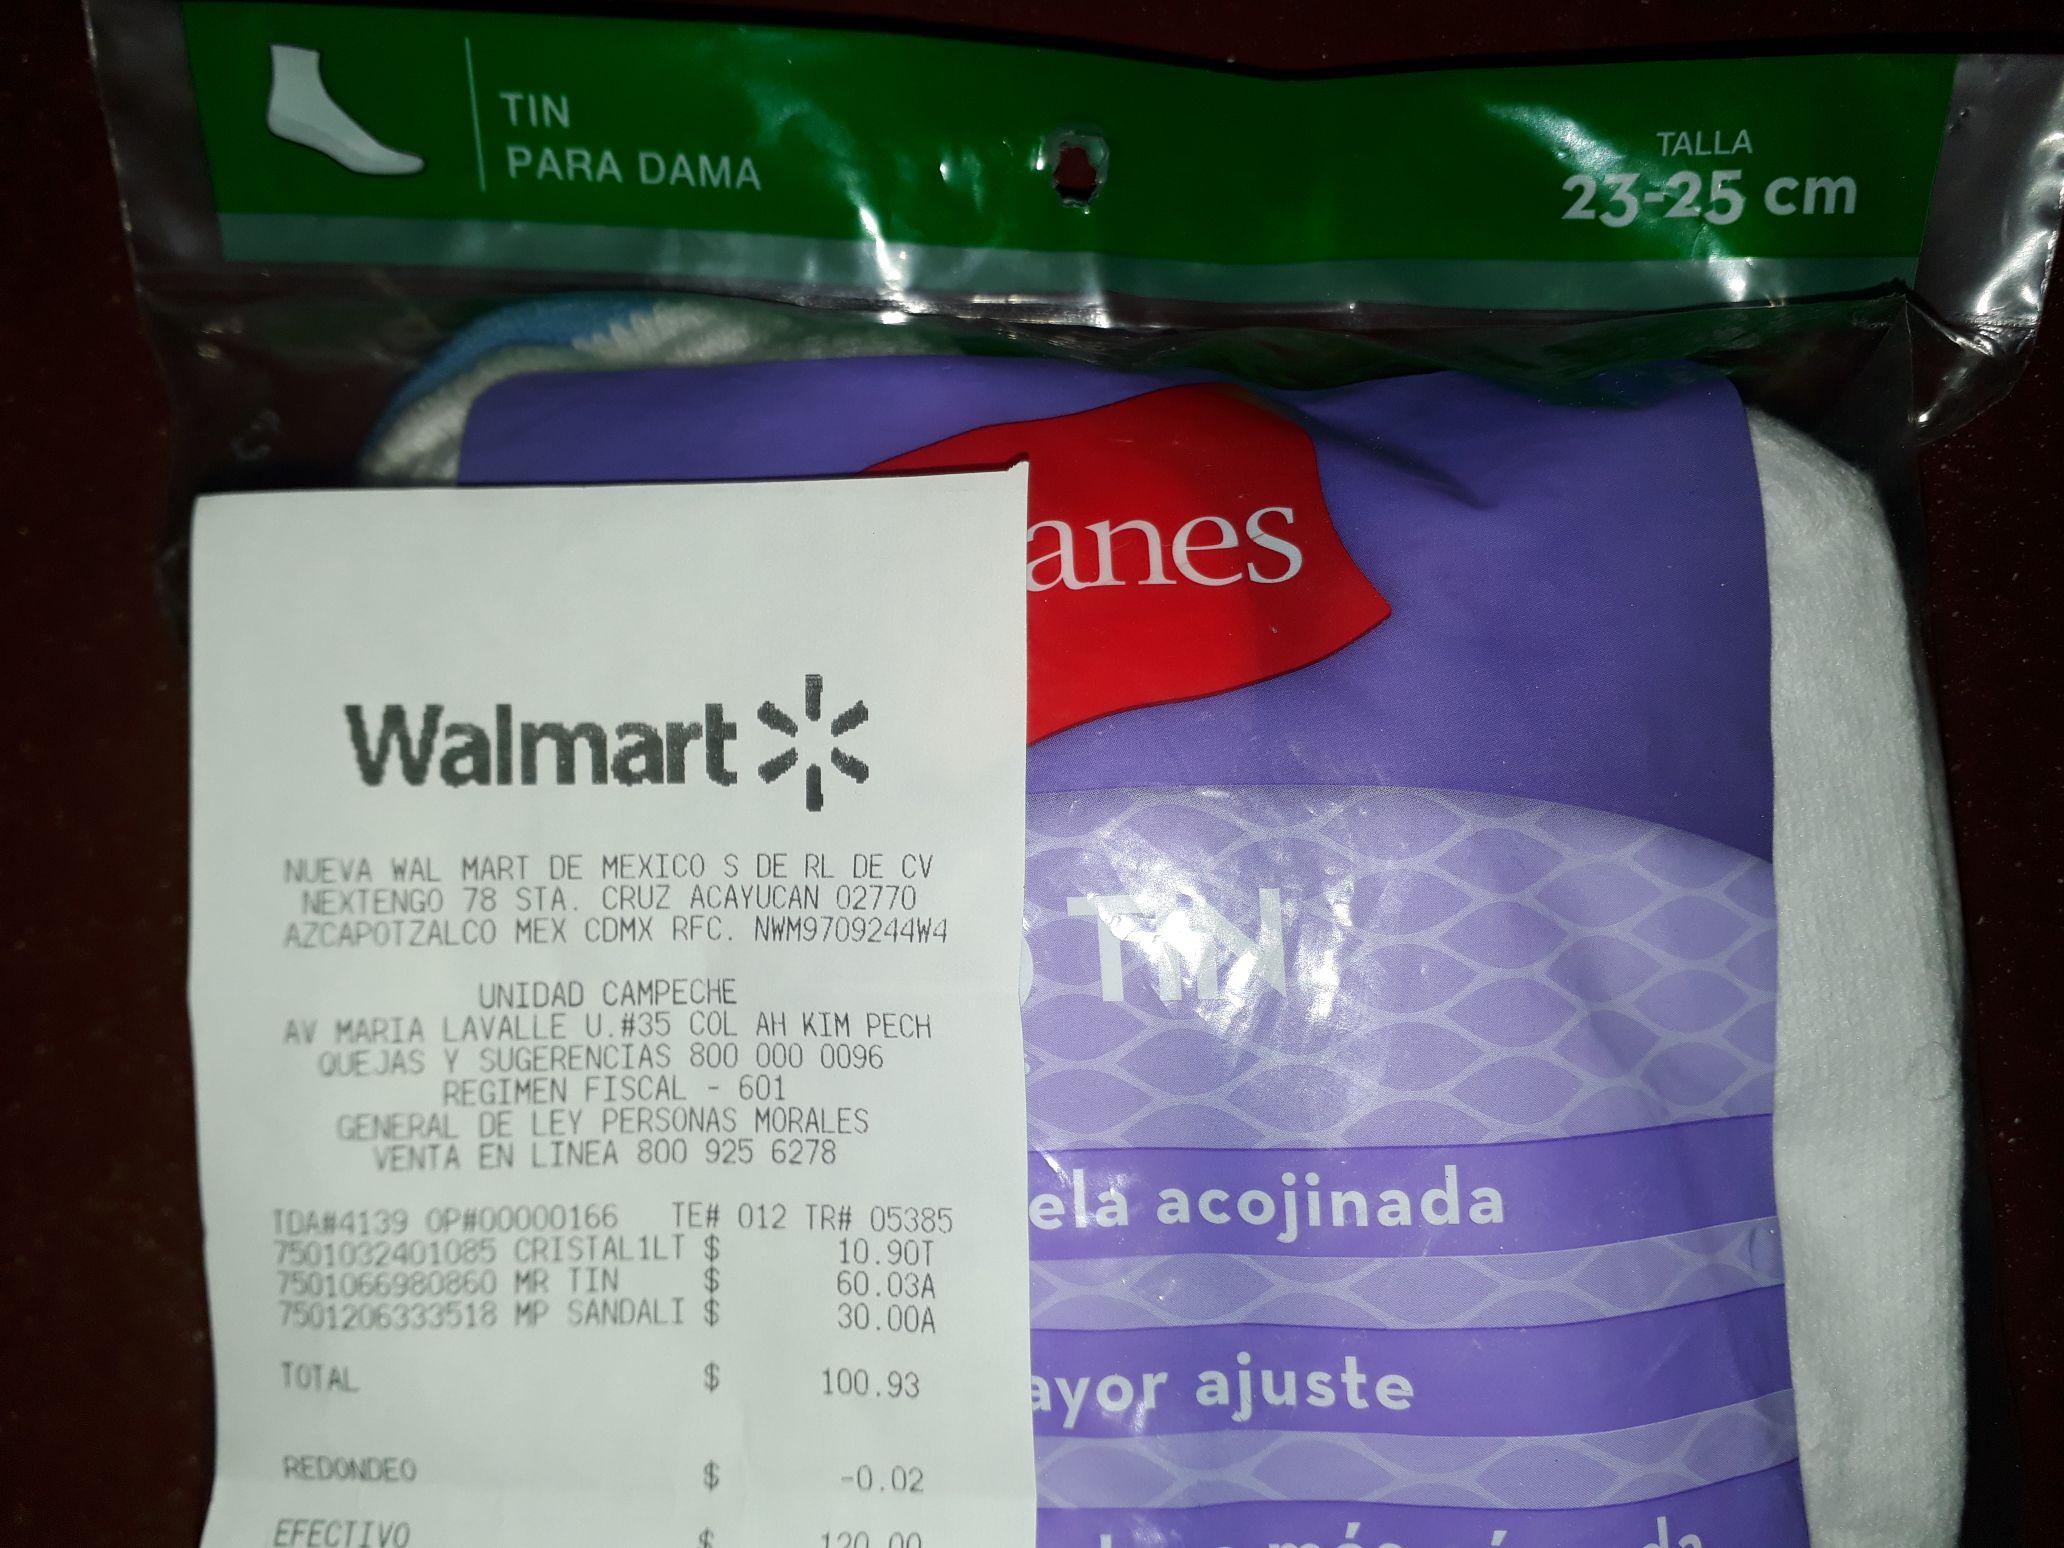 Walmart Campeche, tin para dama en $60.03